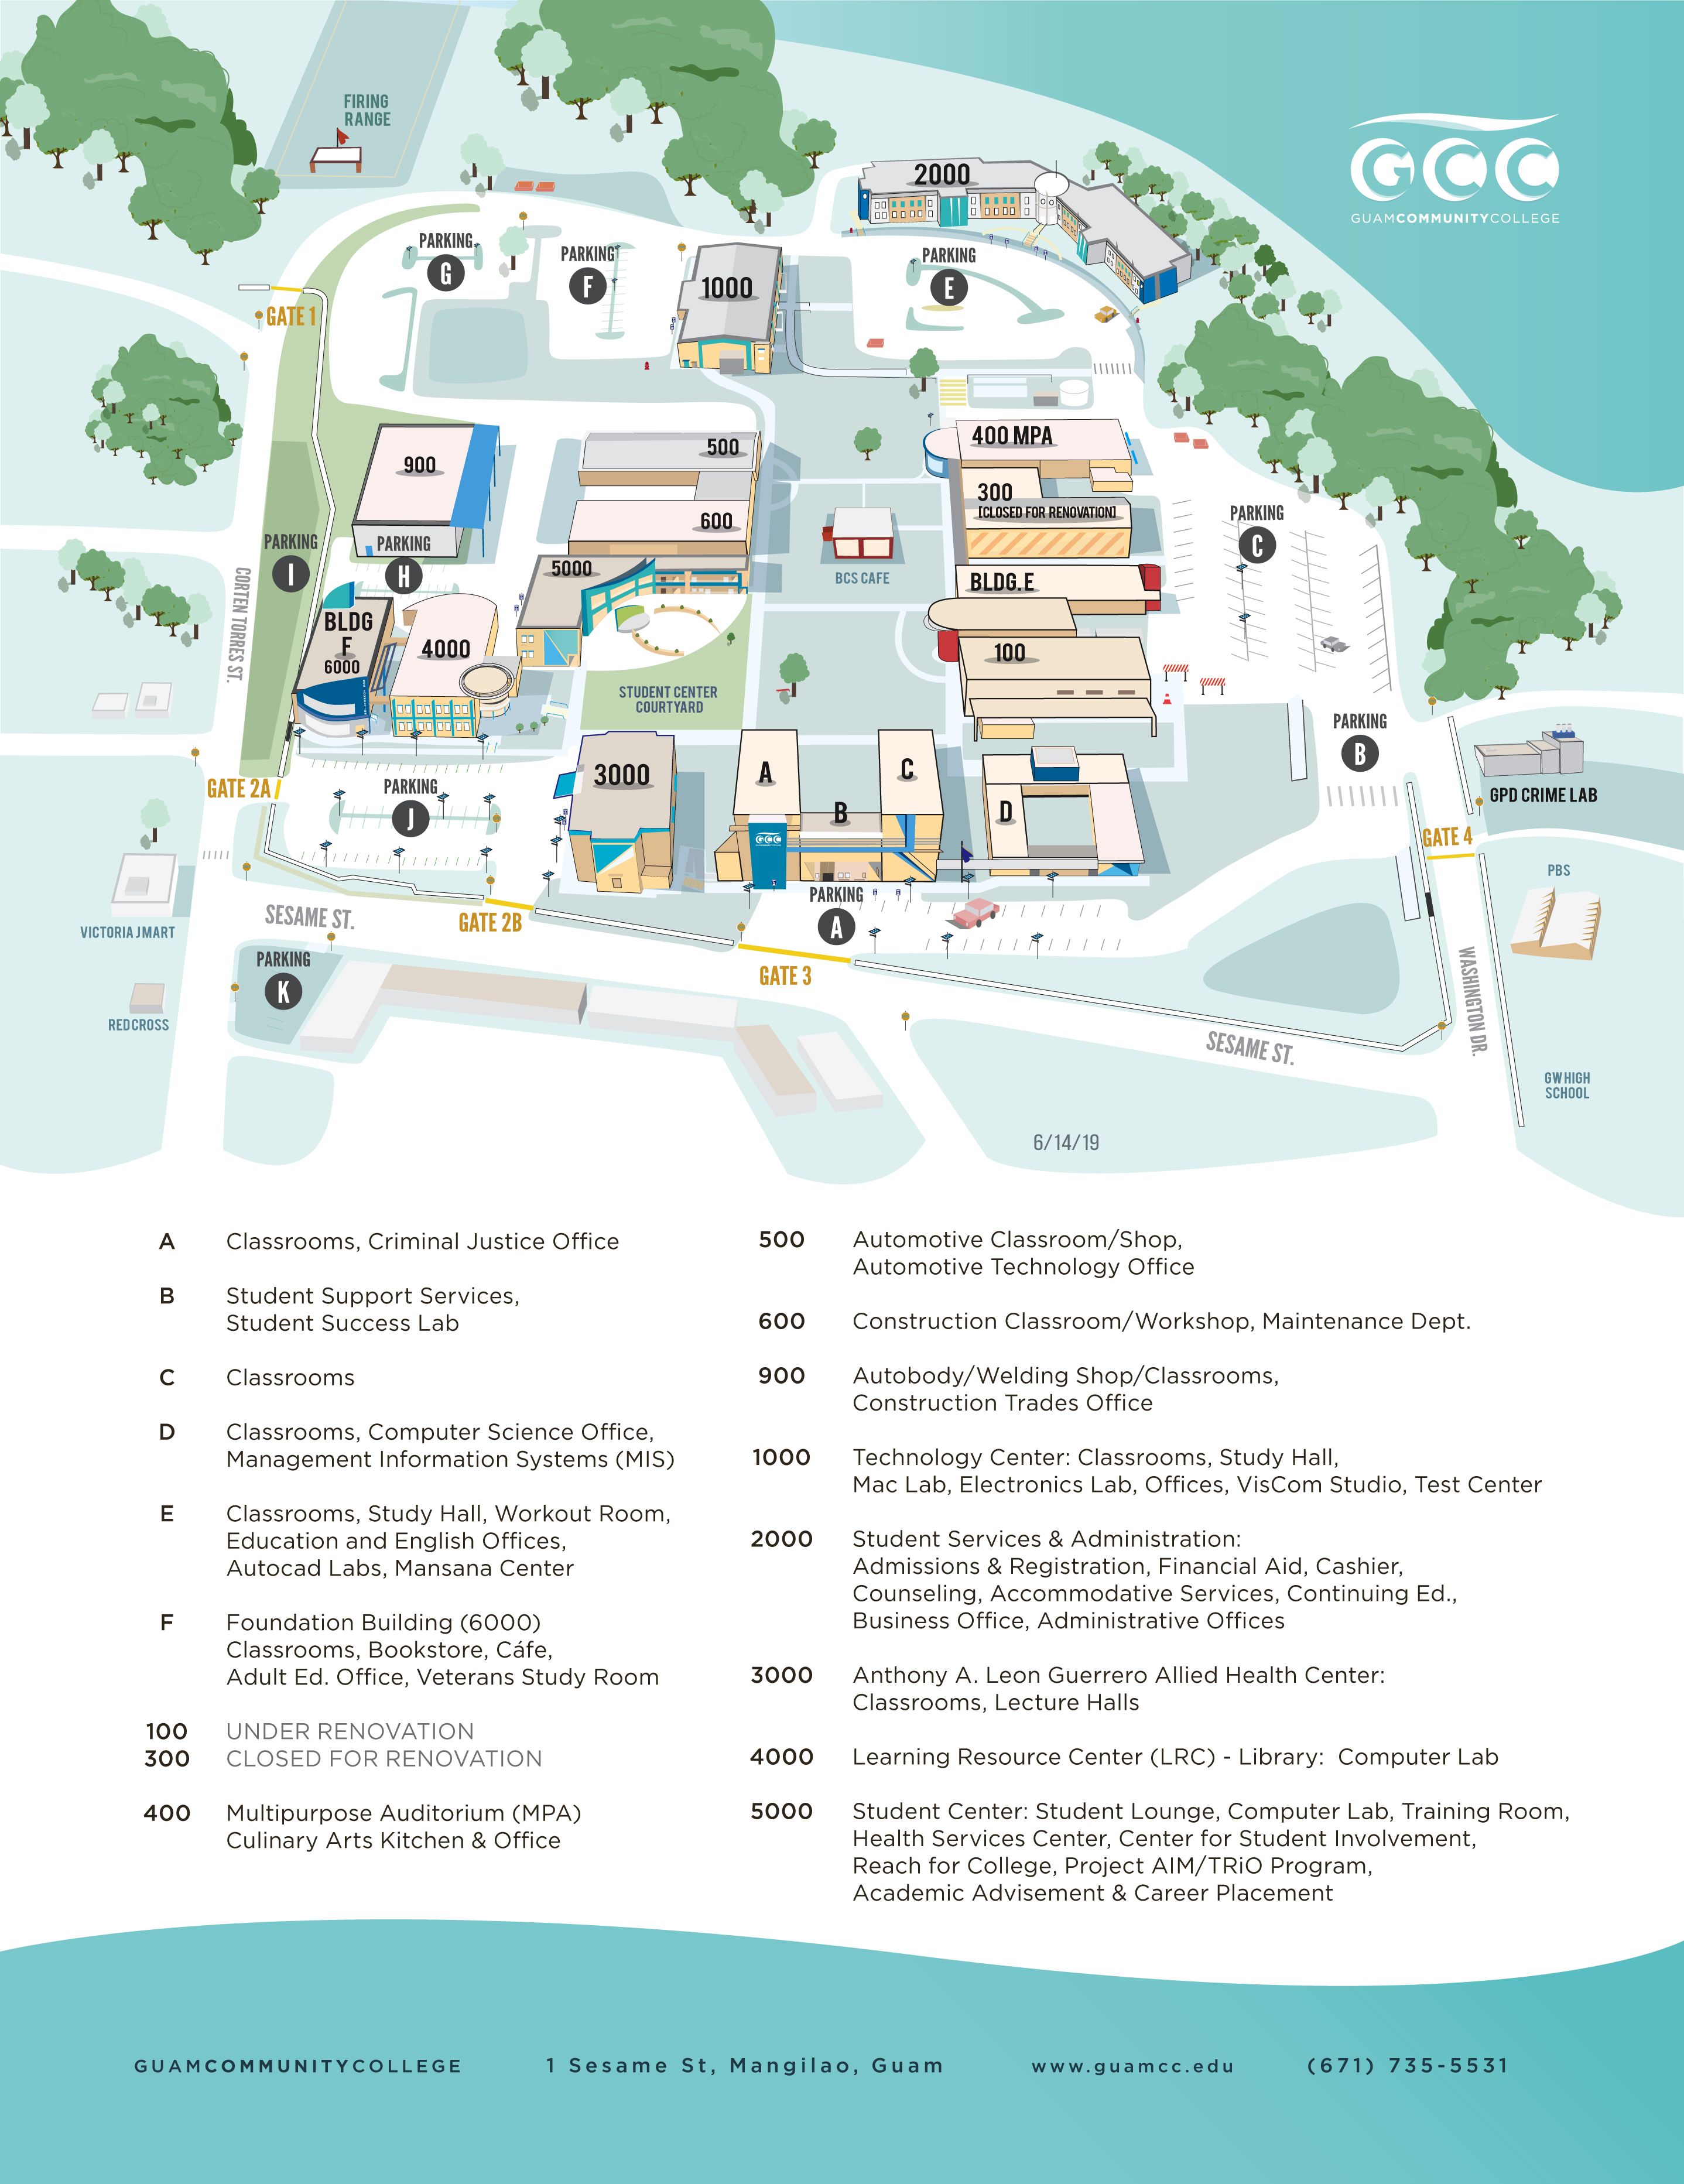 Campus Map - Guam Community College | GCC Guam